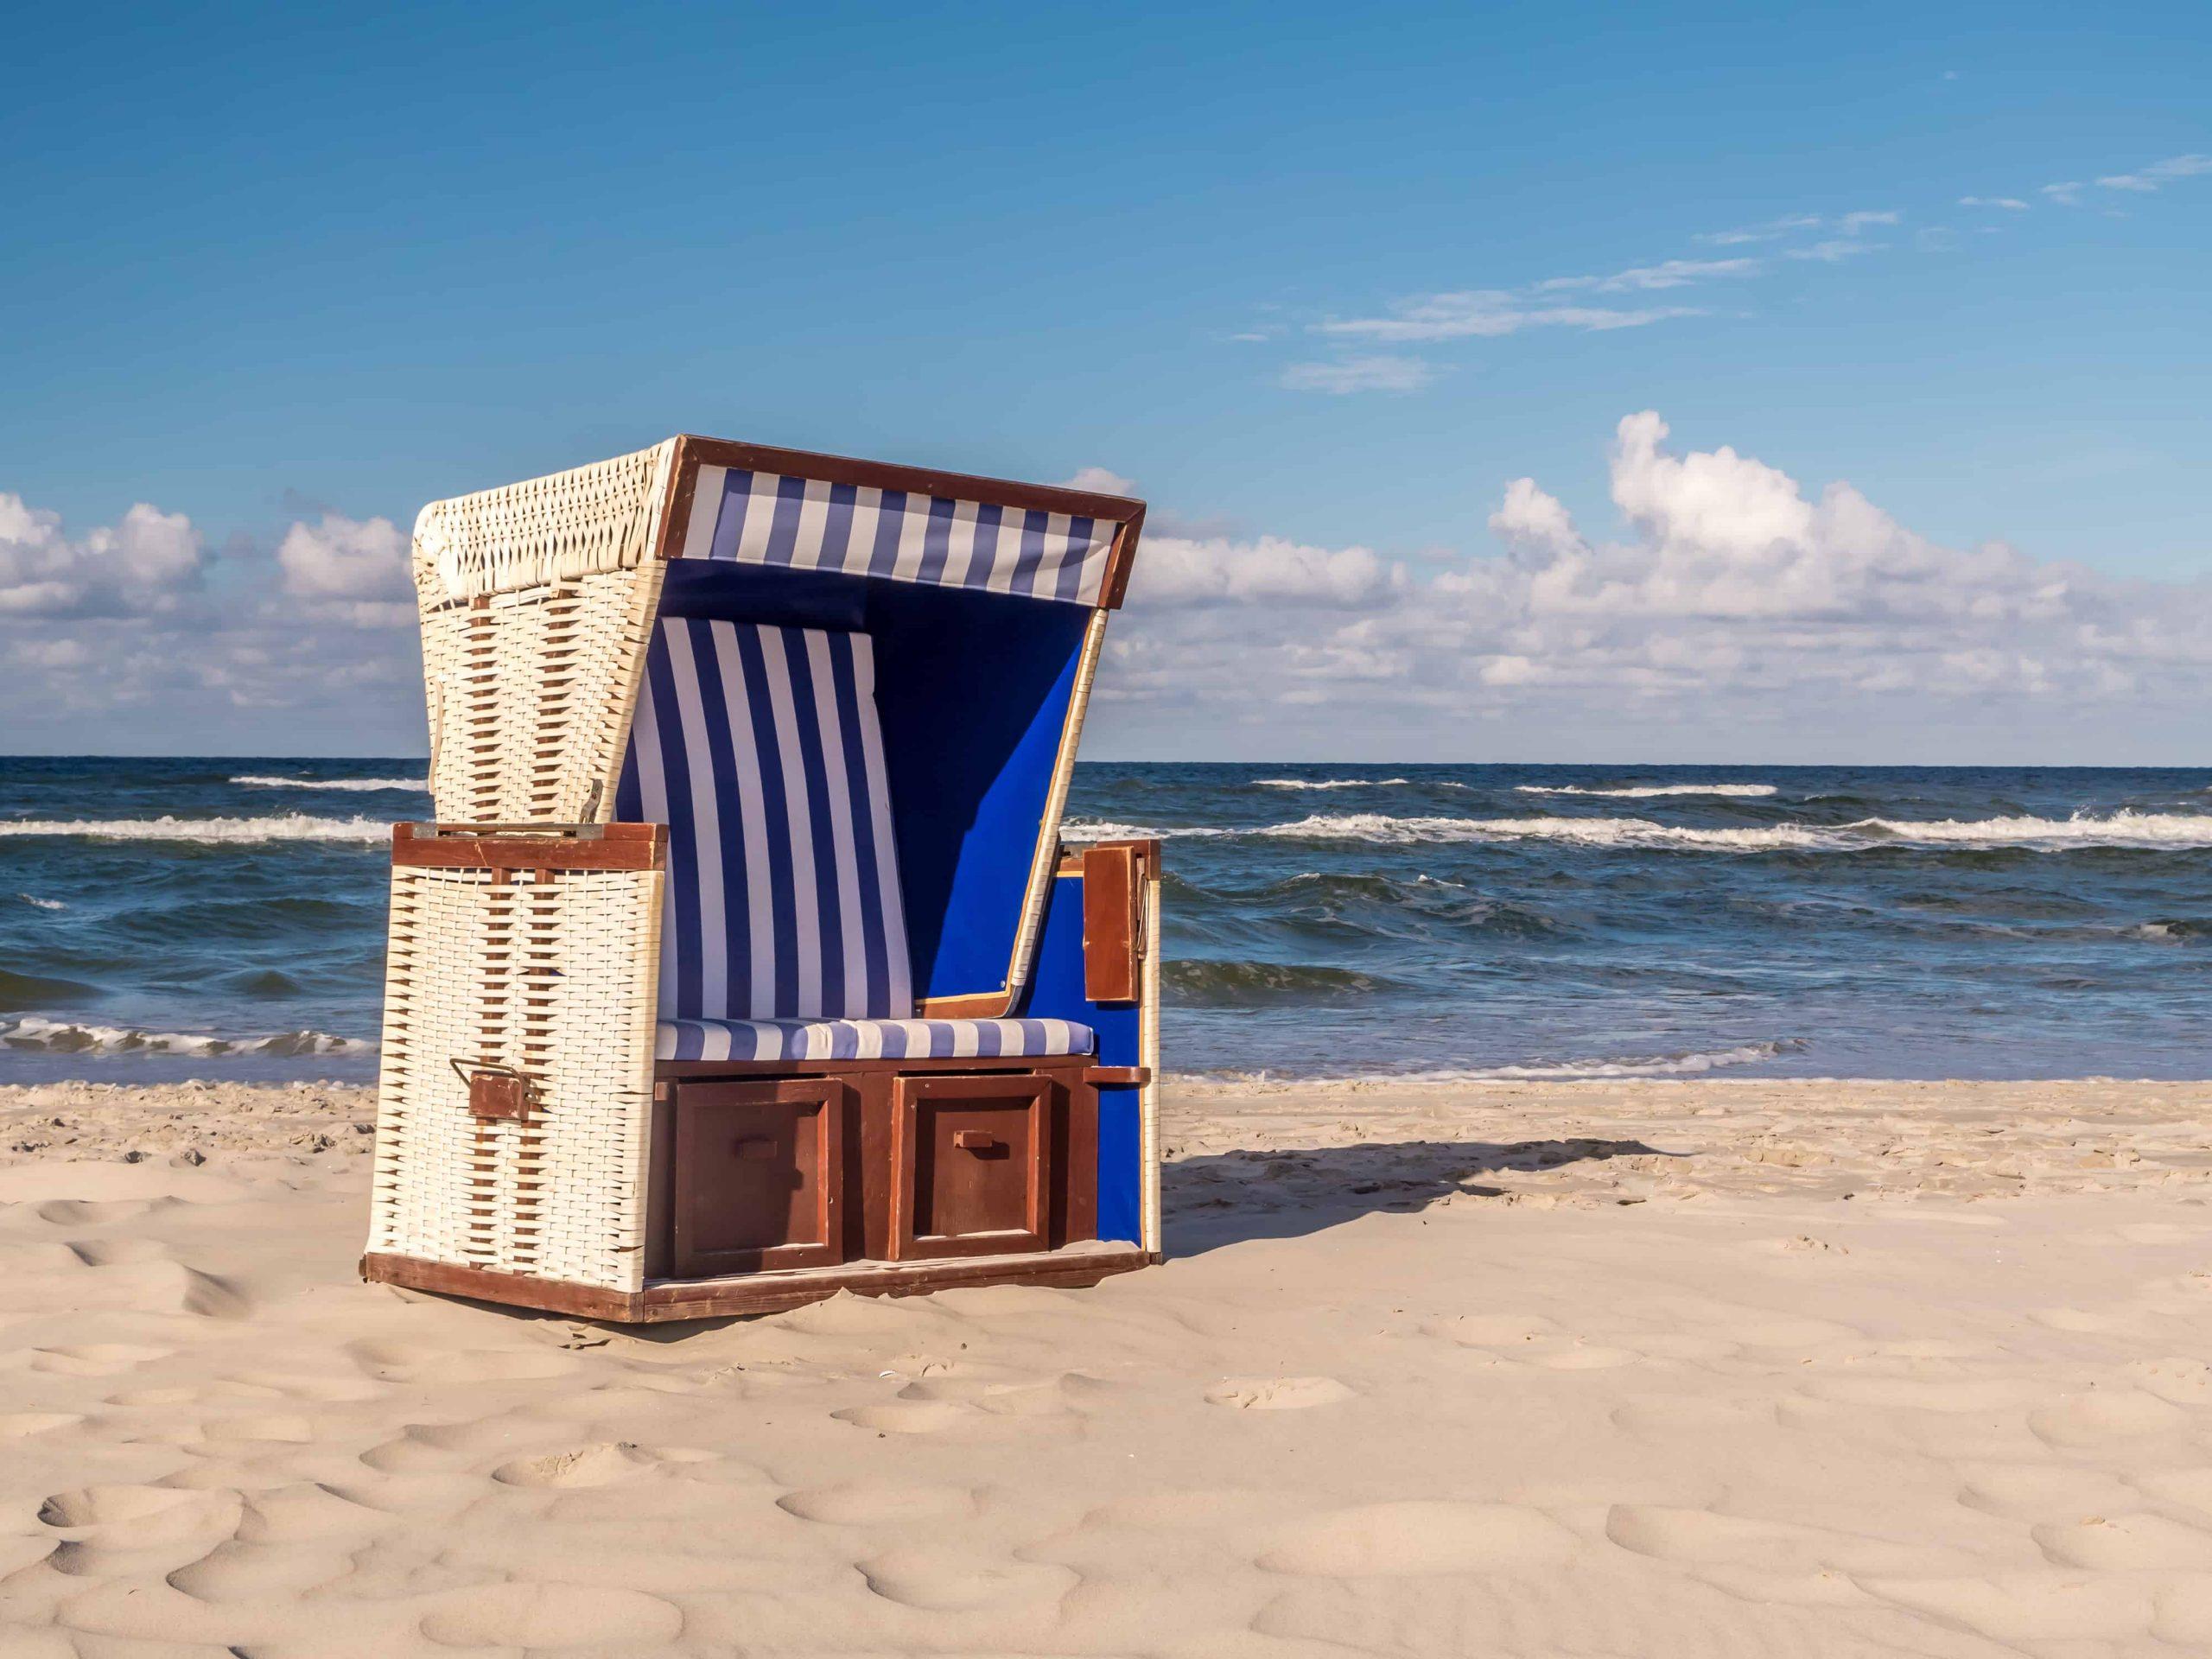 Strandkorb: Test & Empfehlungen (06/20)